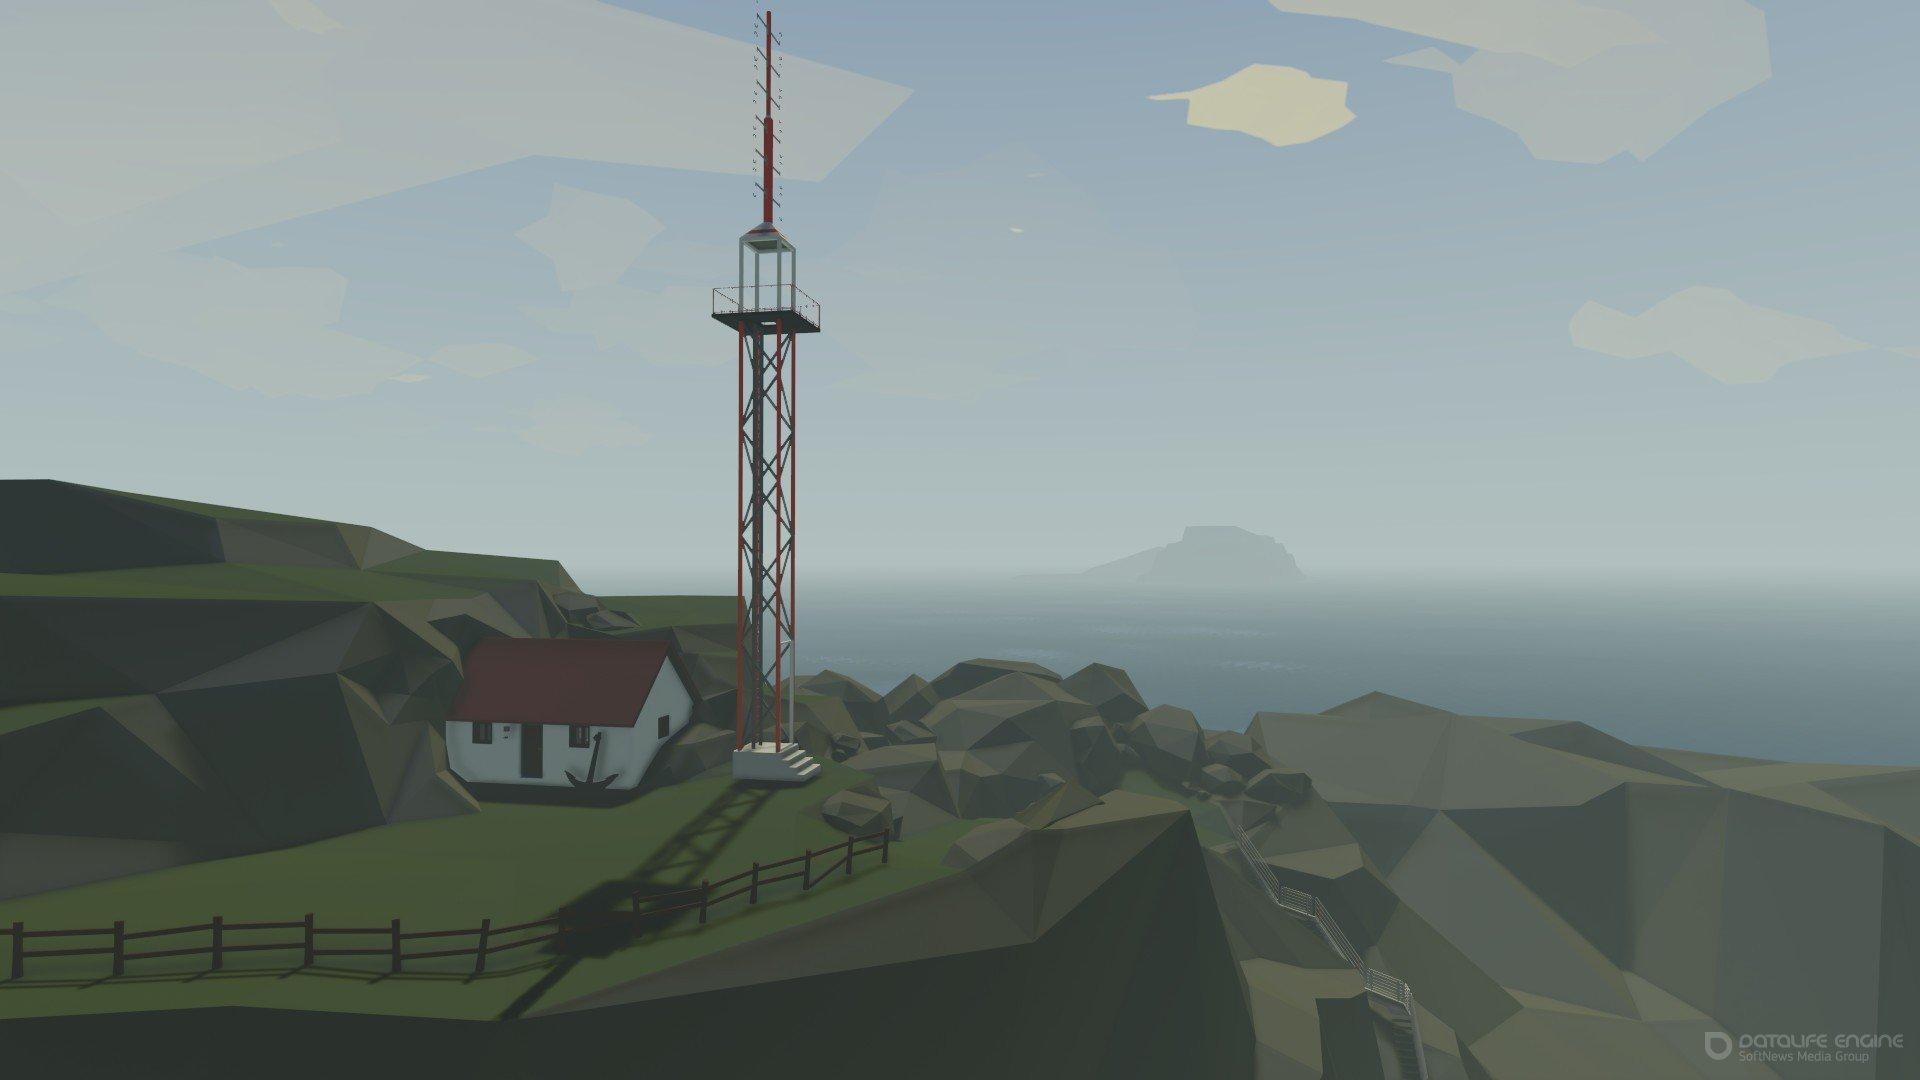 Скриншот к игре Stormworks: Build and Rescue v.1.2.19 [Portable]  скачать торрент Лицензия